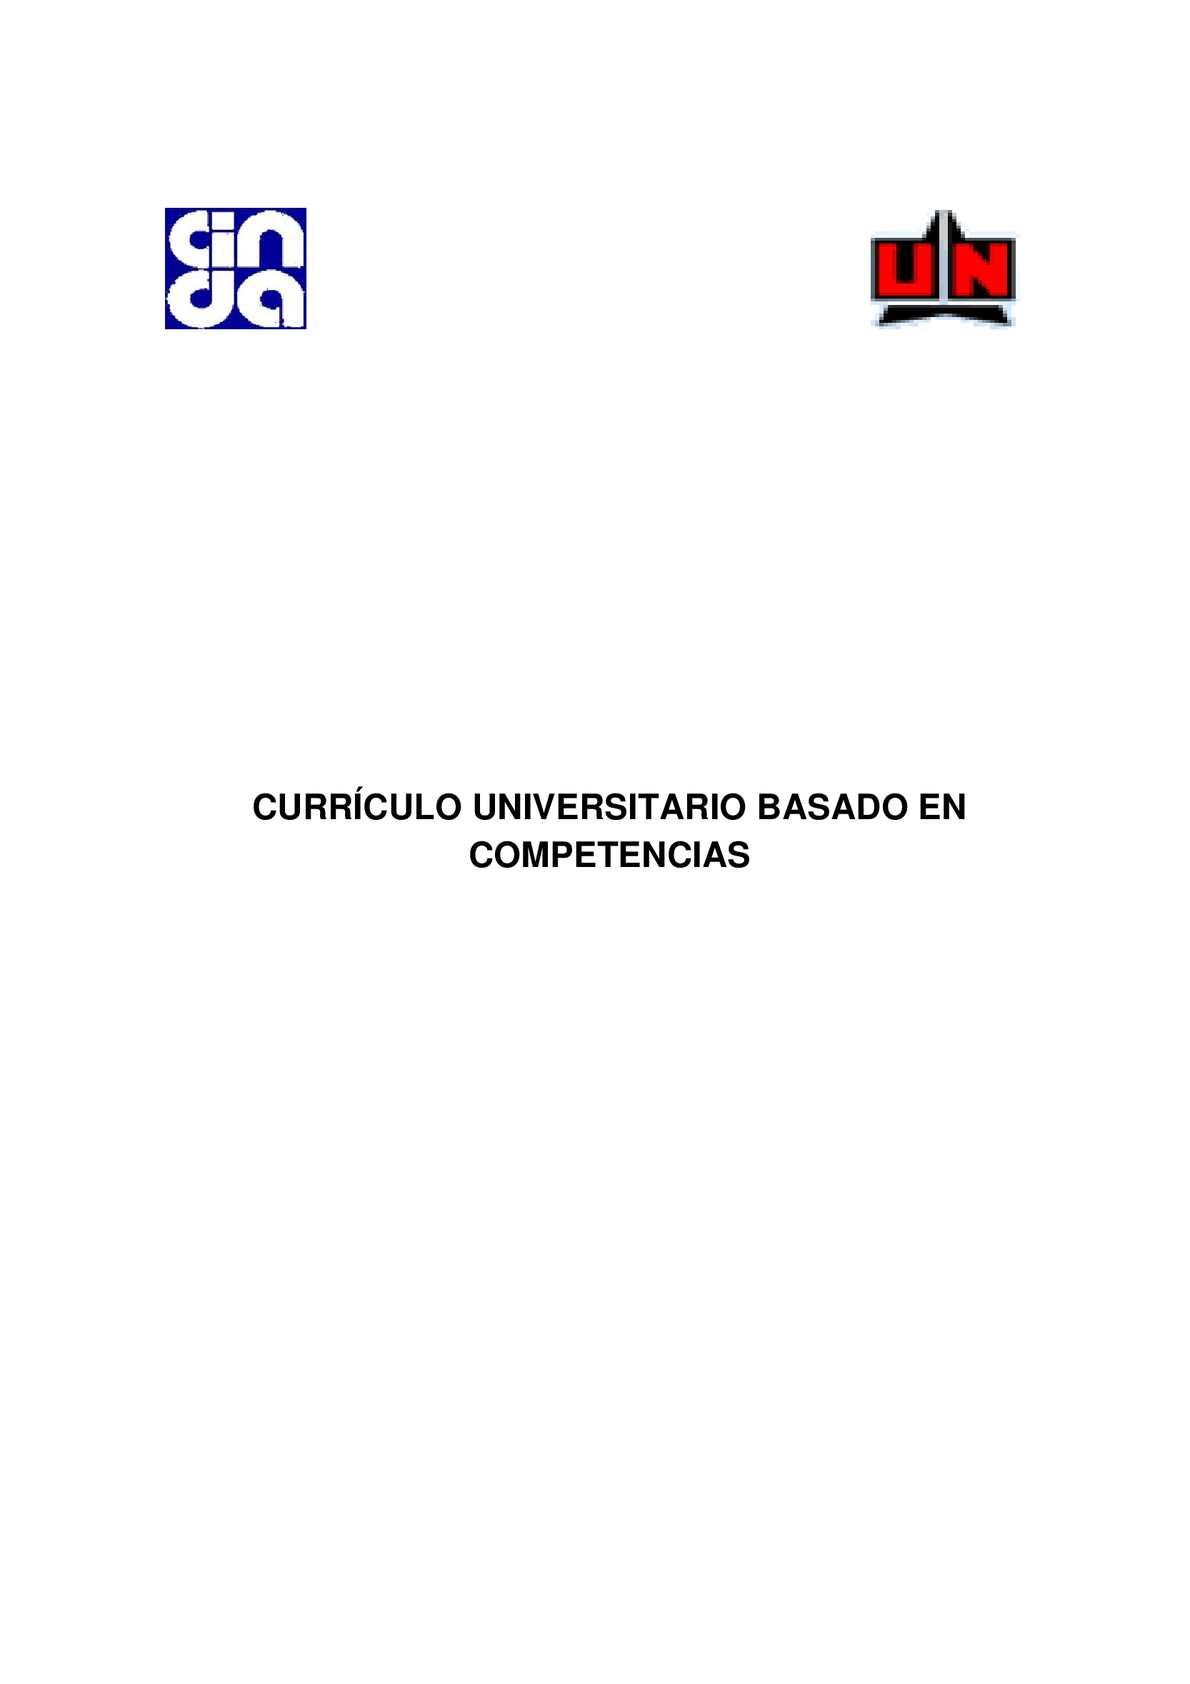 Calaméo - Currículo Universitario Basado En Competencias(1)